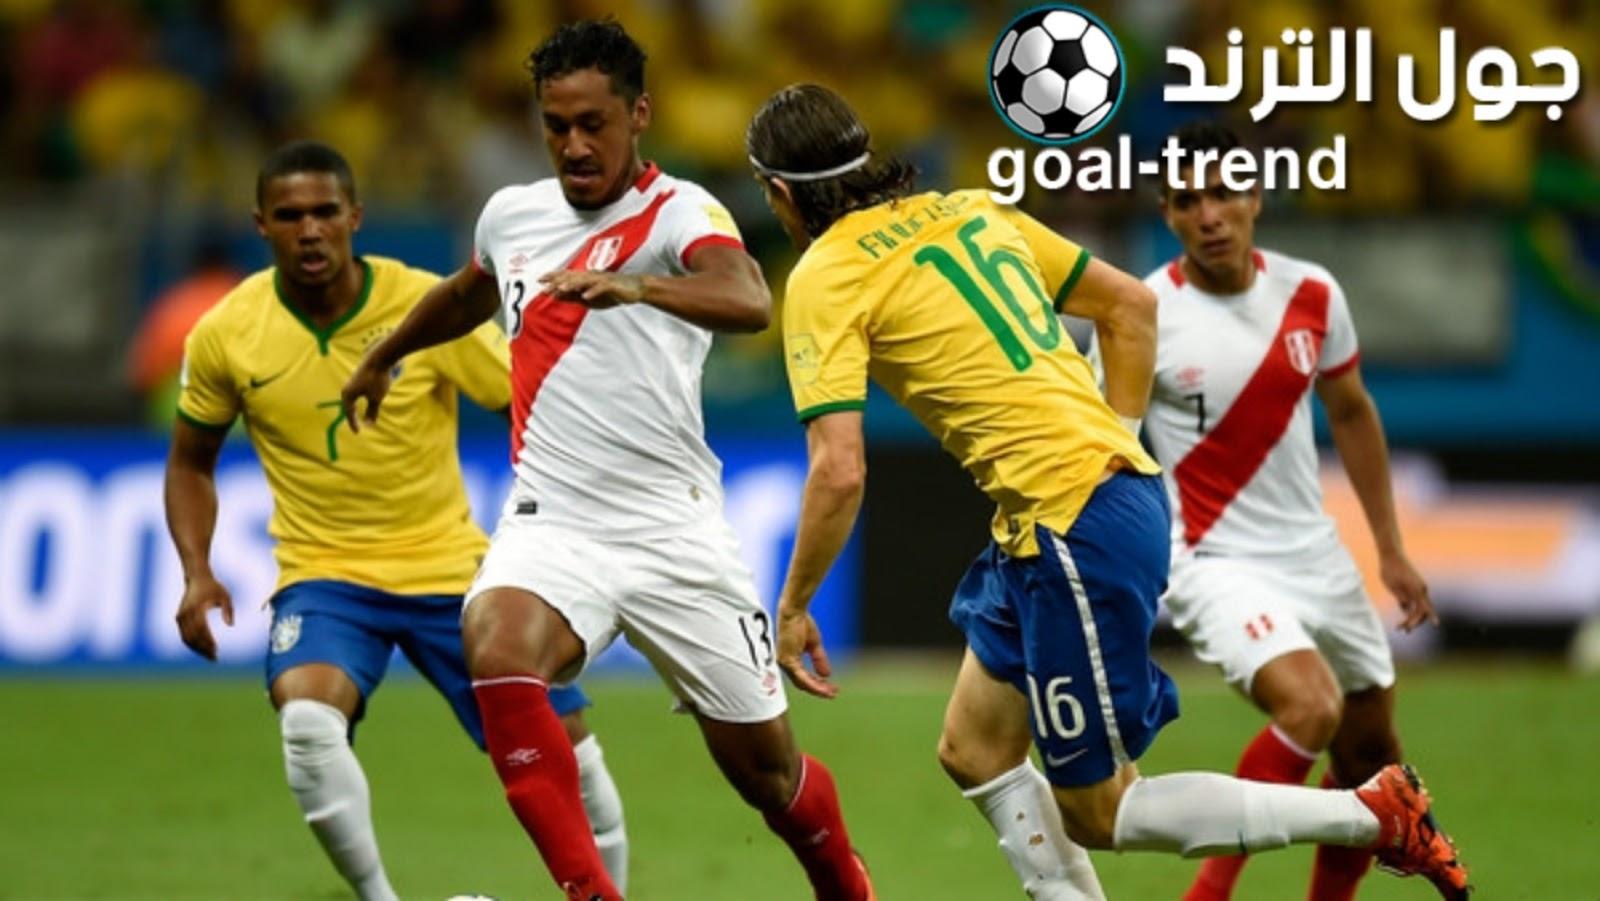 نتيجة مواجهة البرازيل والبيرو في كأس كوبا امريكا 2019